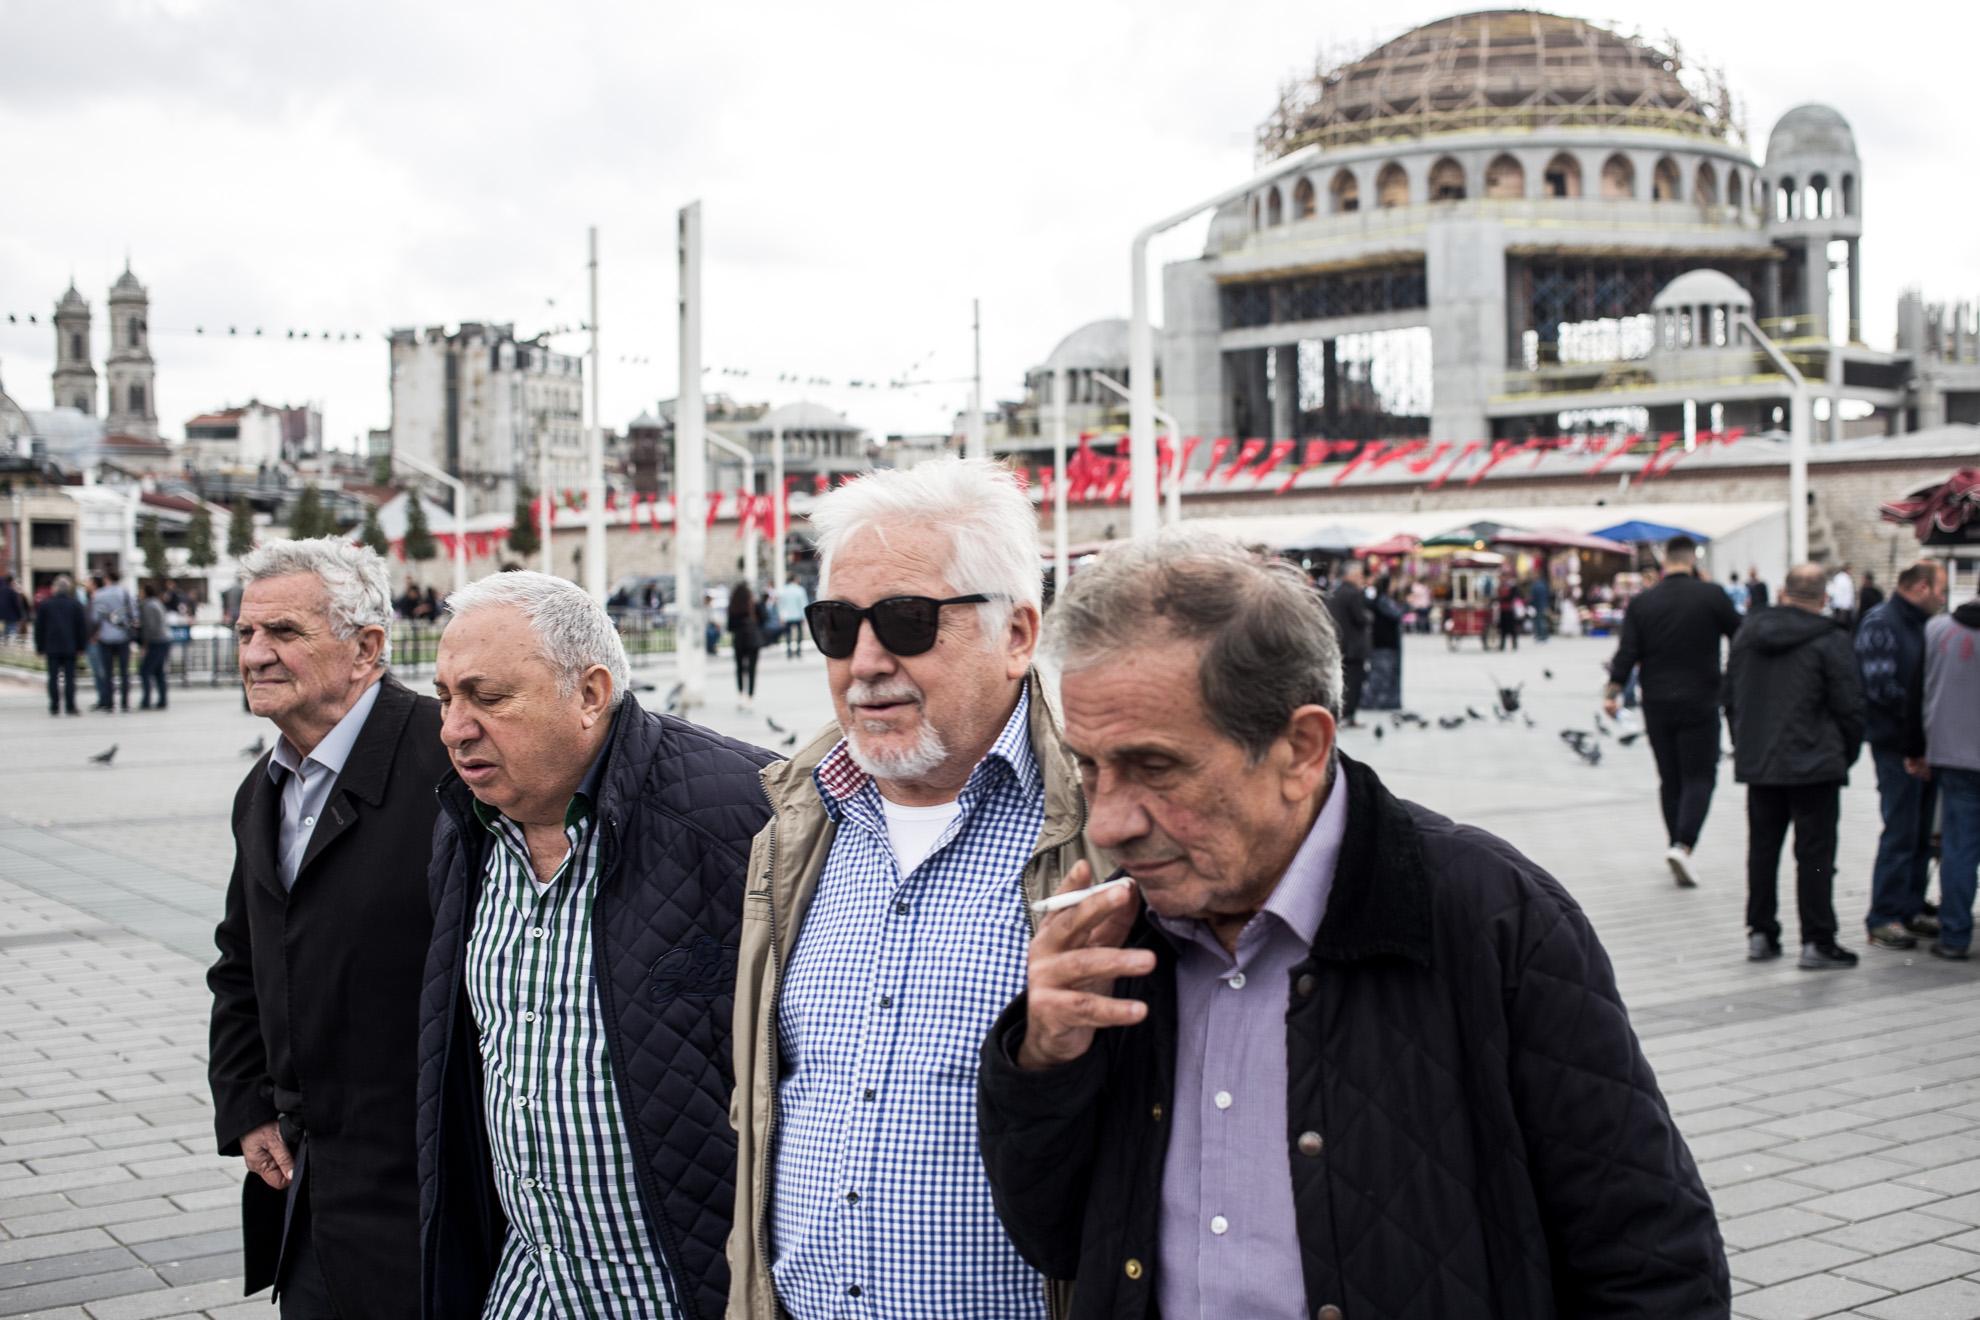 O Saillard Photographe Istanbul-053.jpg